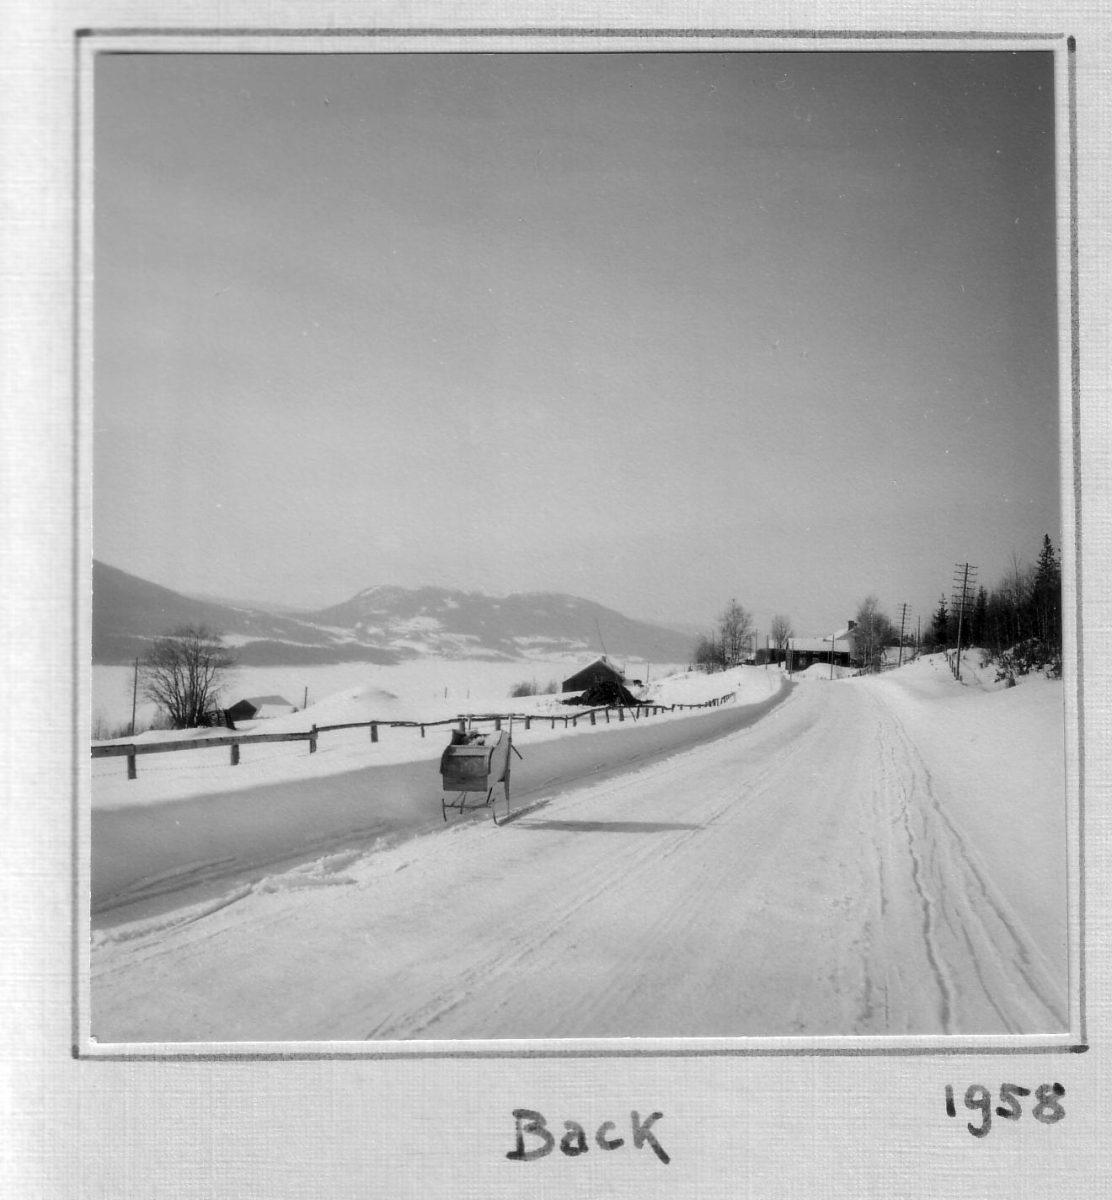 S.49 Back 1955